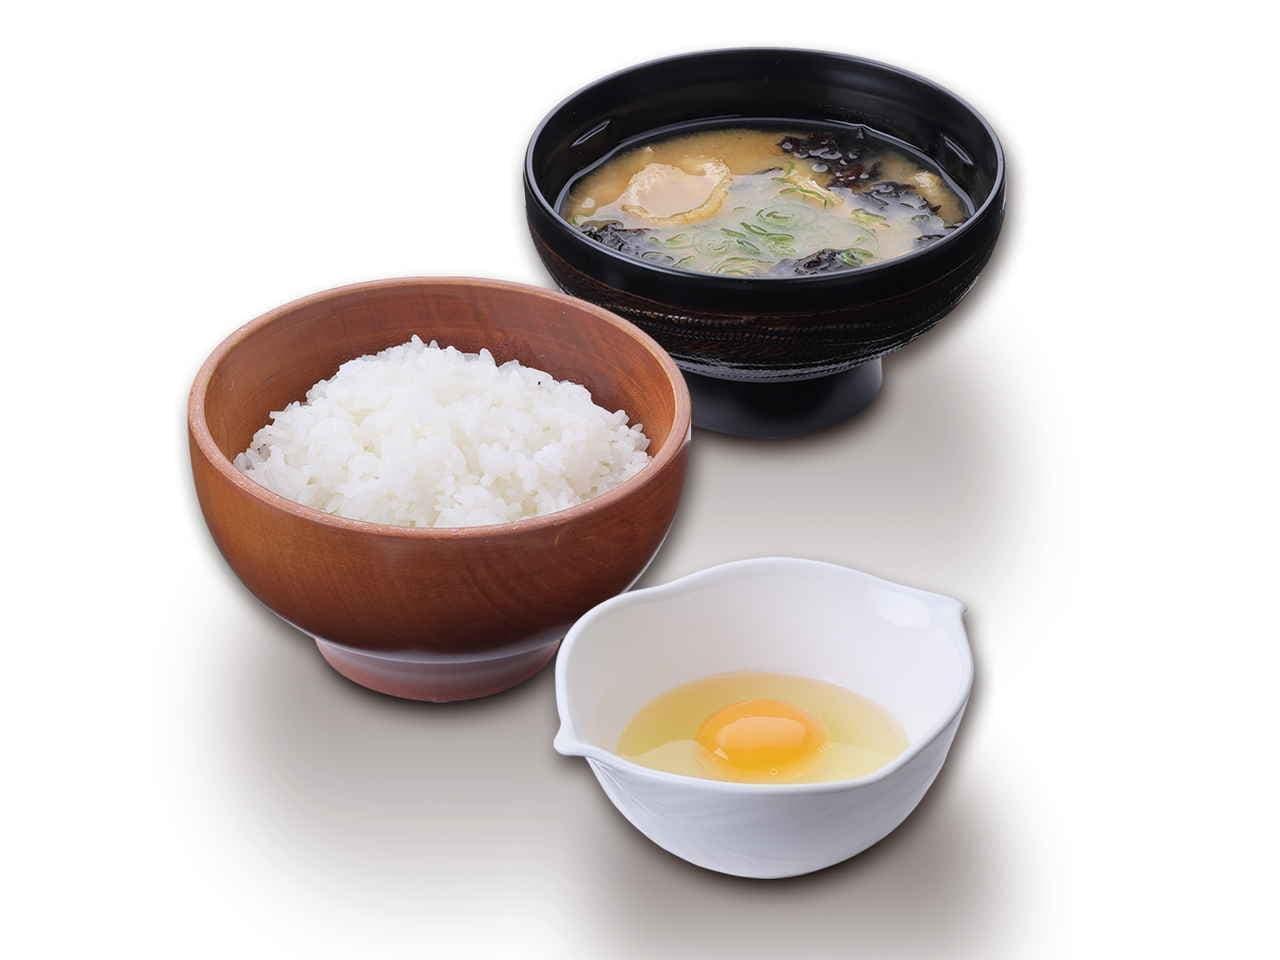 びっくりドンキー モーニング「卵かけご飯」